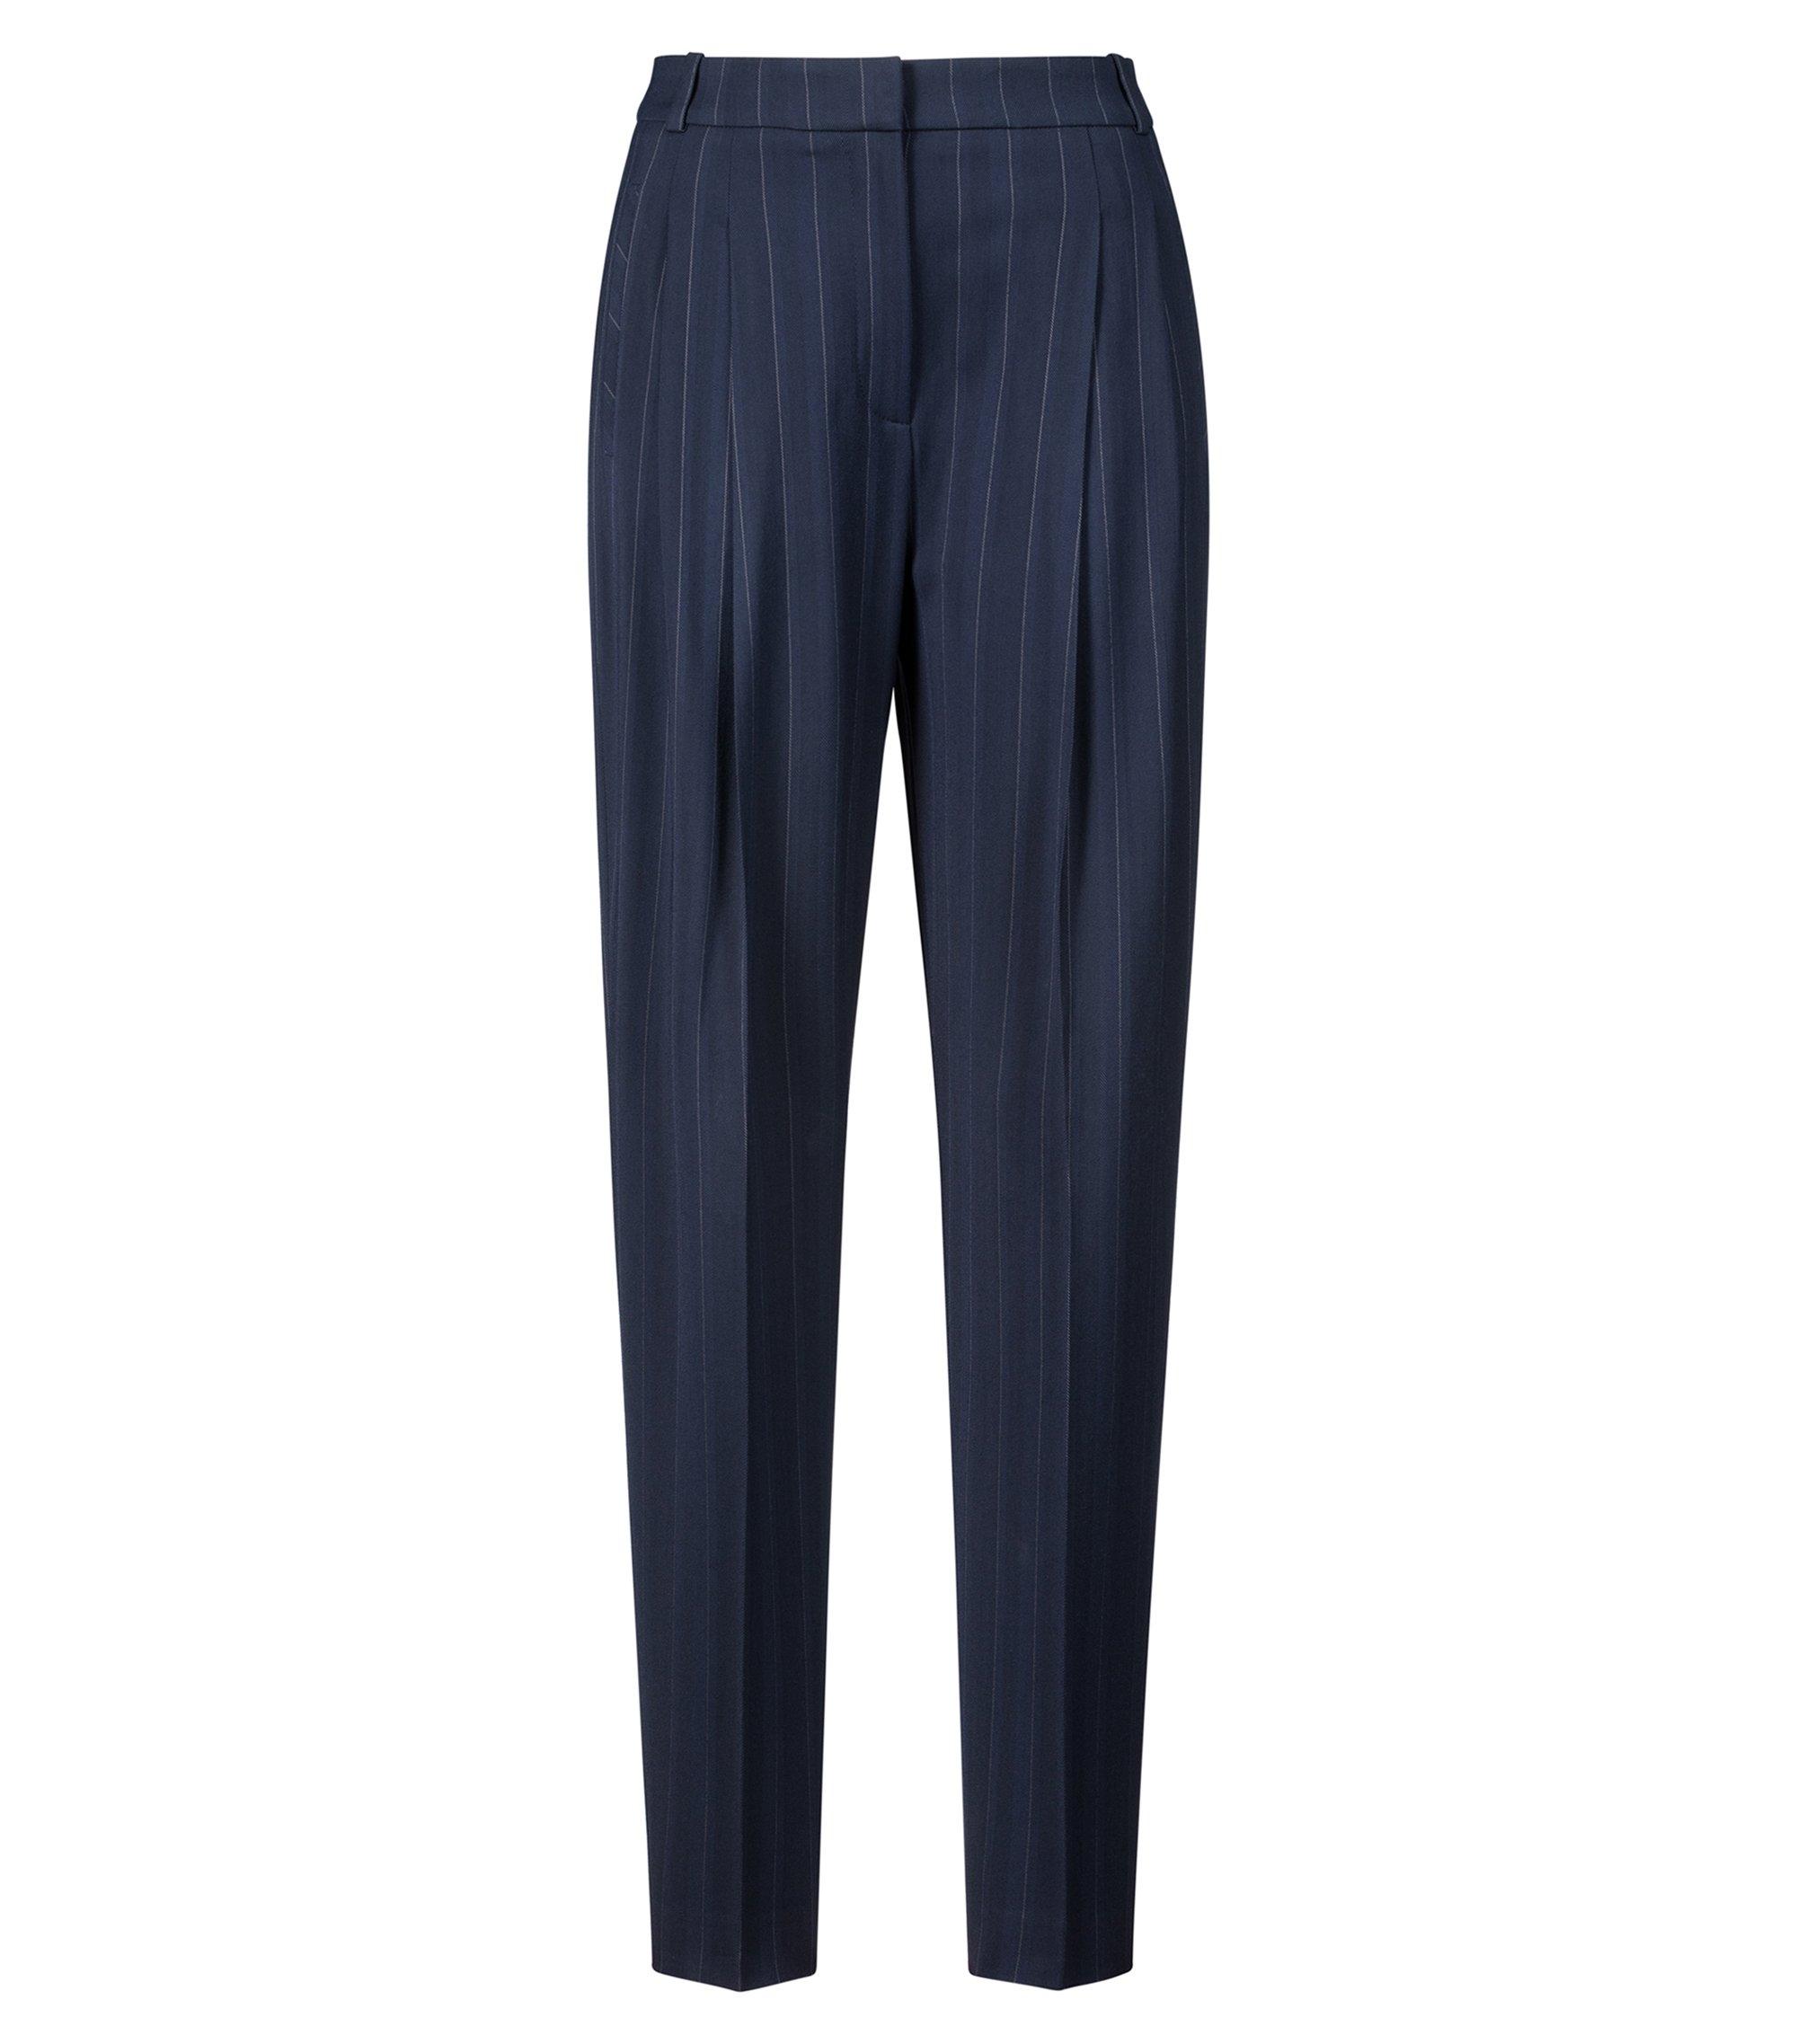 Pantaloni tapered fit con piega in tessuto gessato elasticizzato, Blu scuro